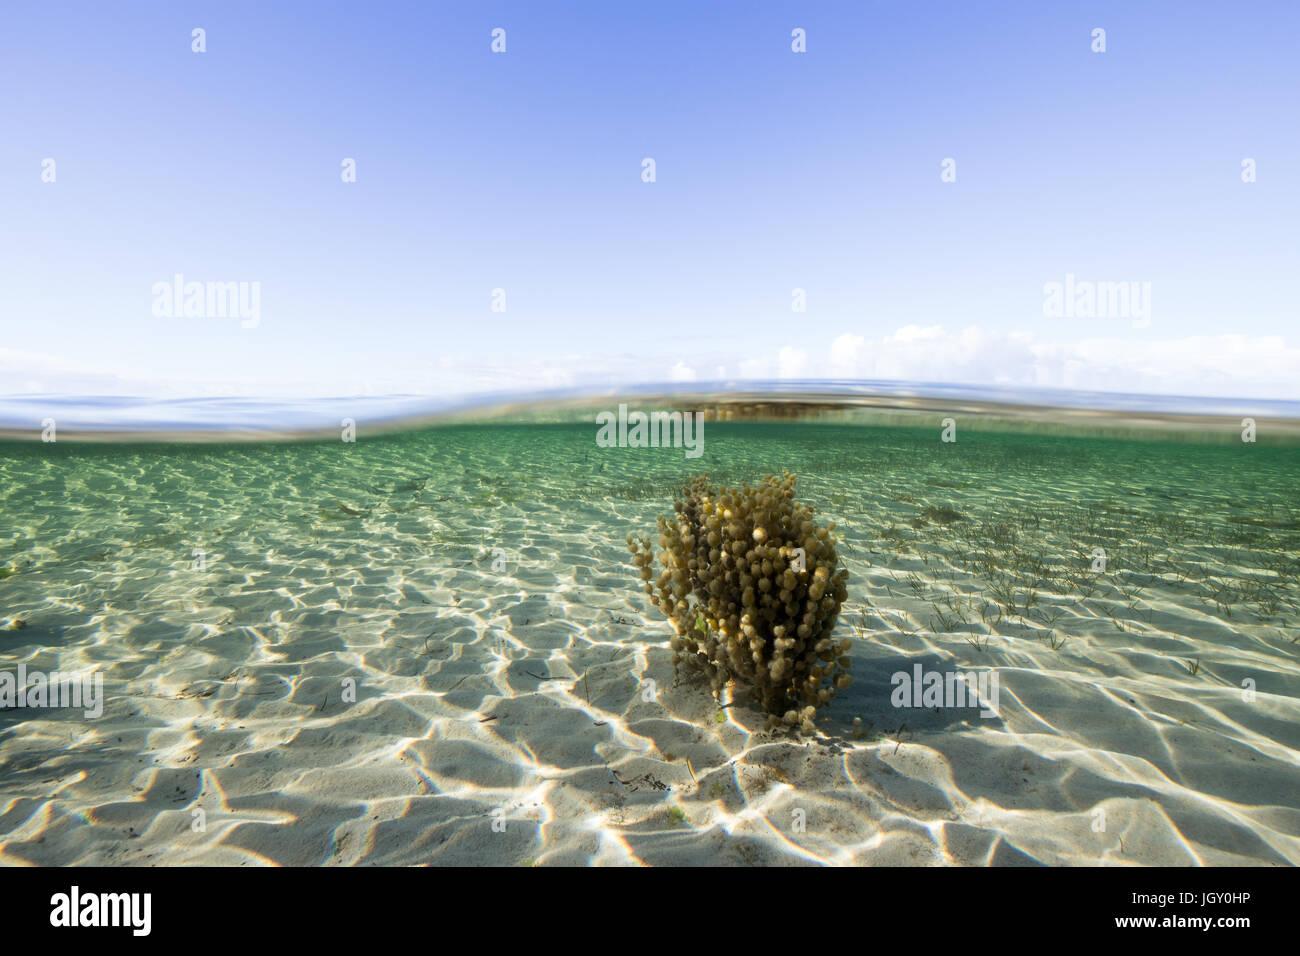 Au-dessus et sous un environnement de l'océan sur la péninsule d'Eyre, en Australie. Photo Stock